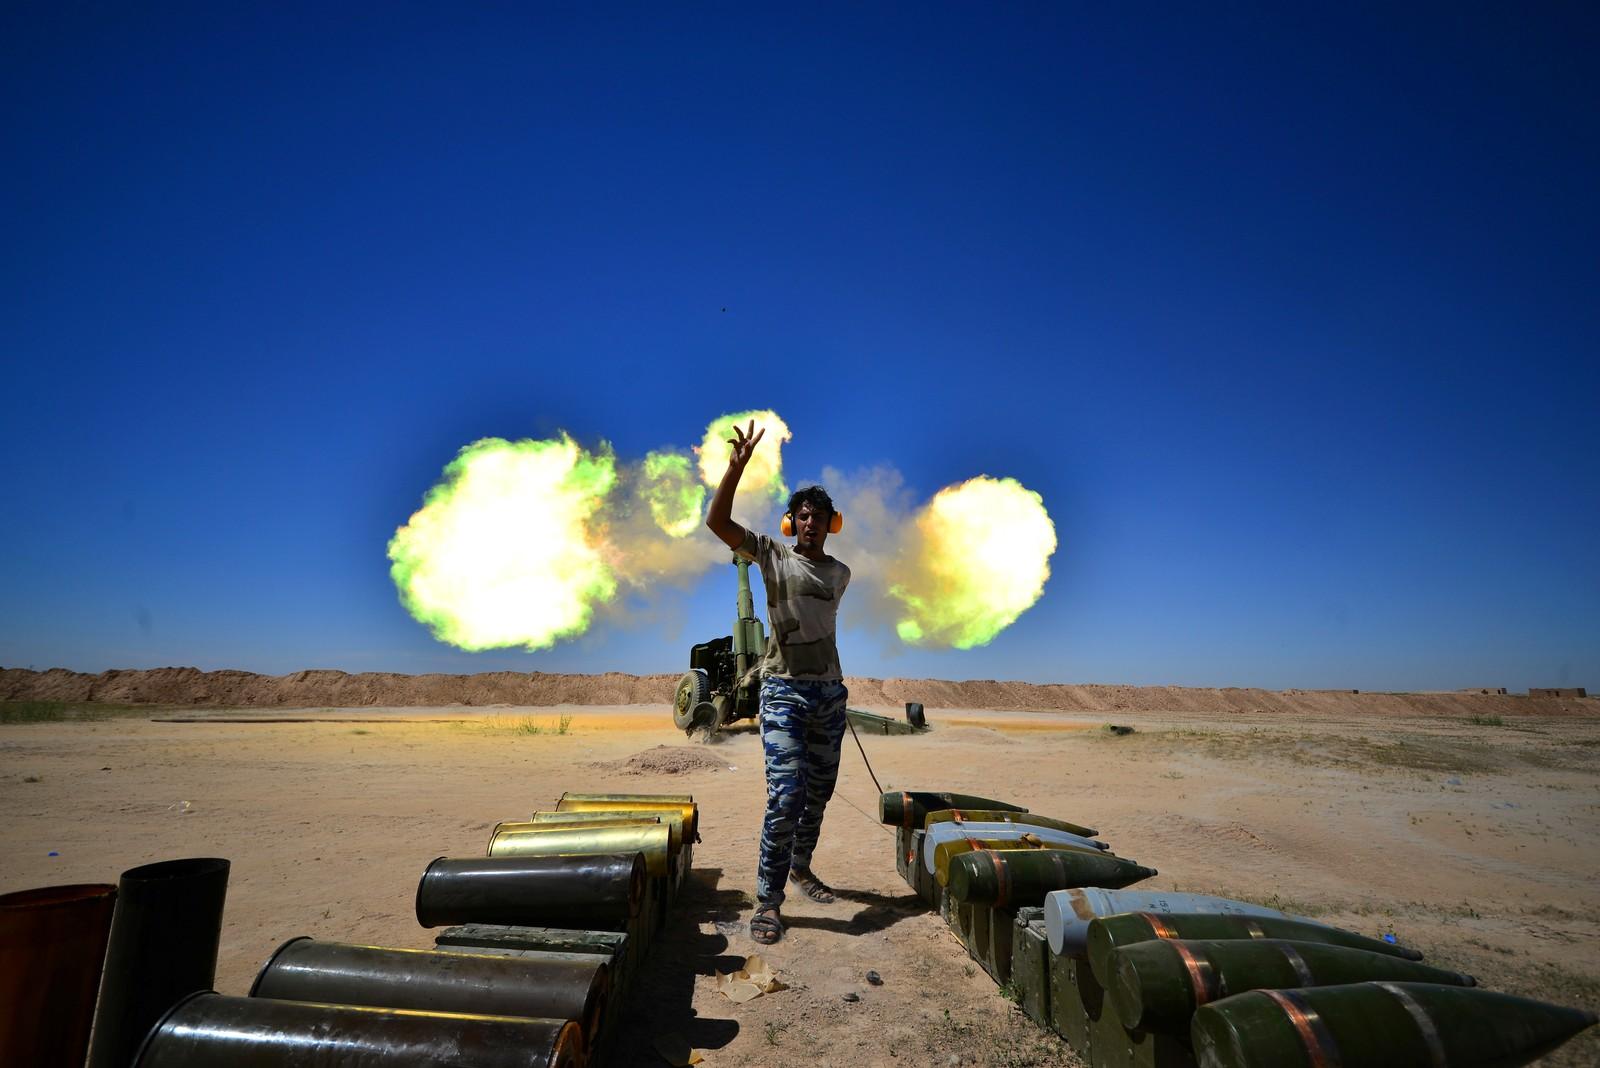 Irakiske styrker under kamper mot IS nær oldtidsbyen Hatra i Irak.